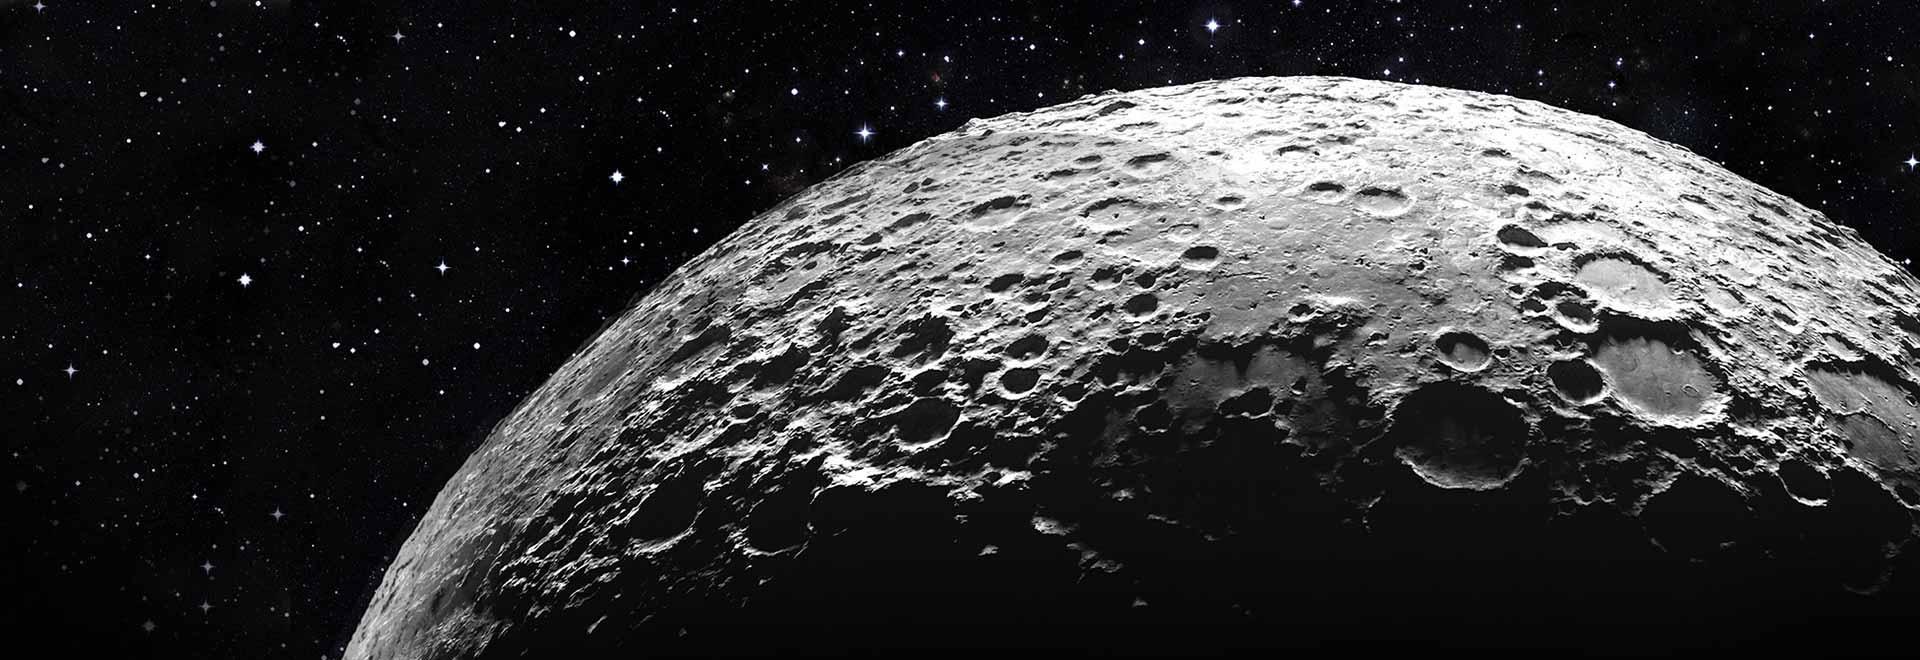 L'uomo sulla Luna: vero o falso